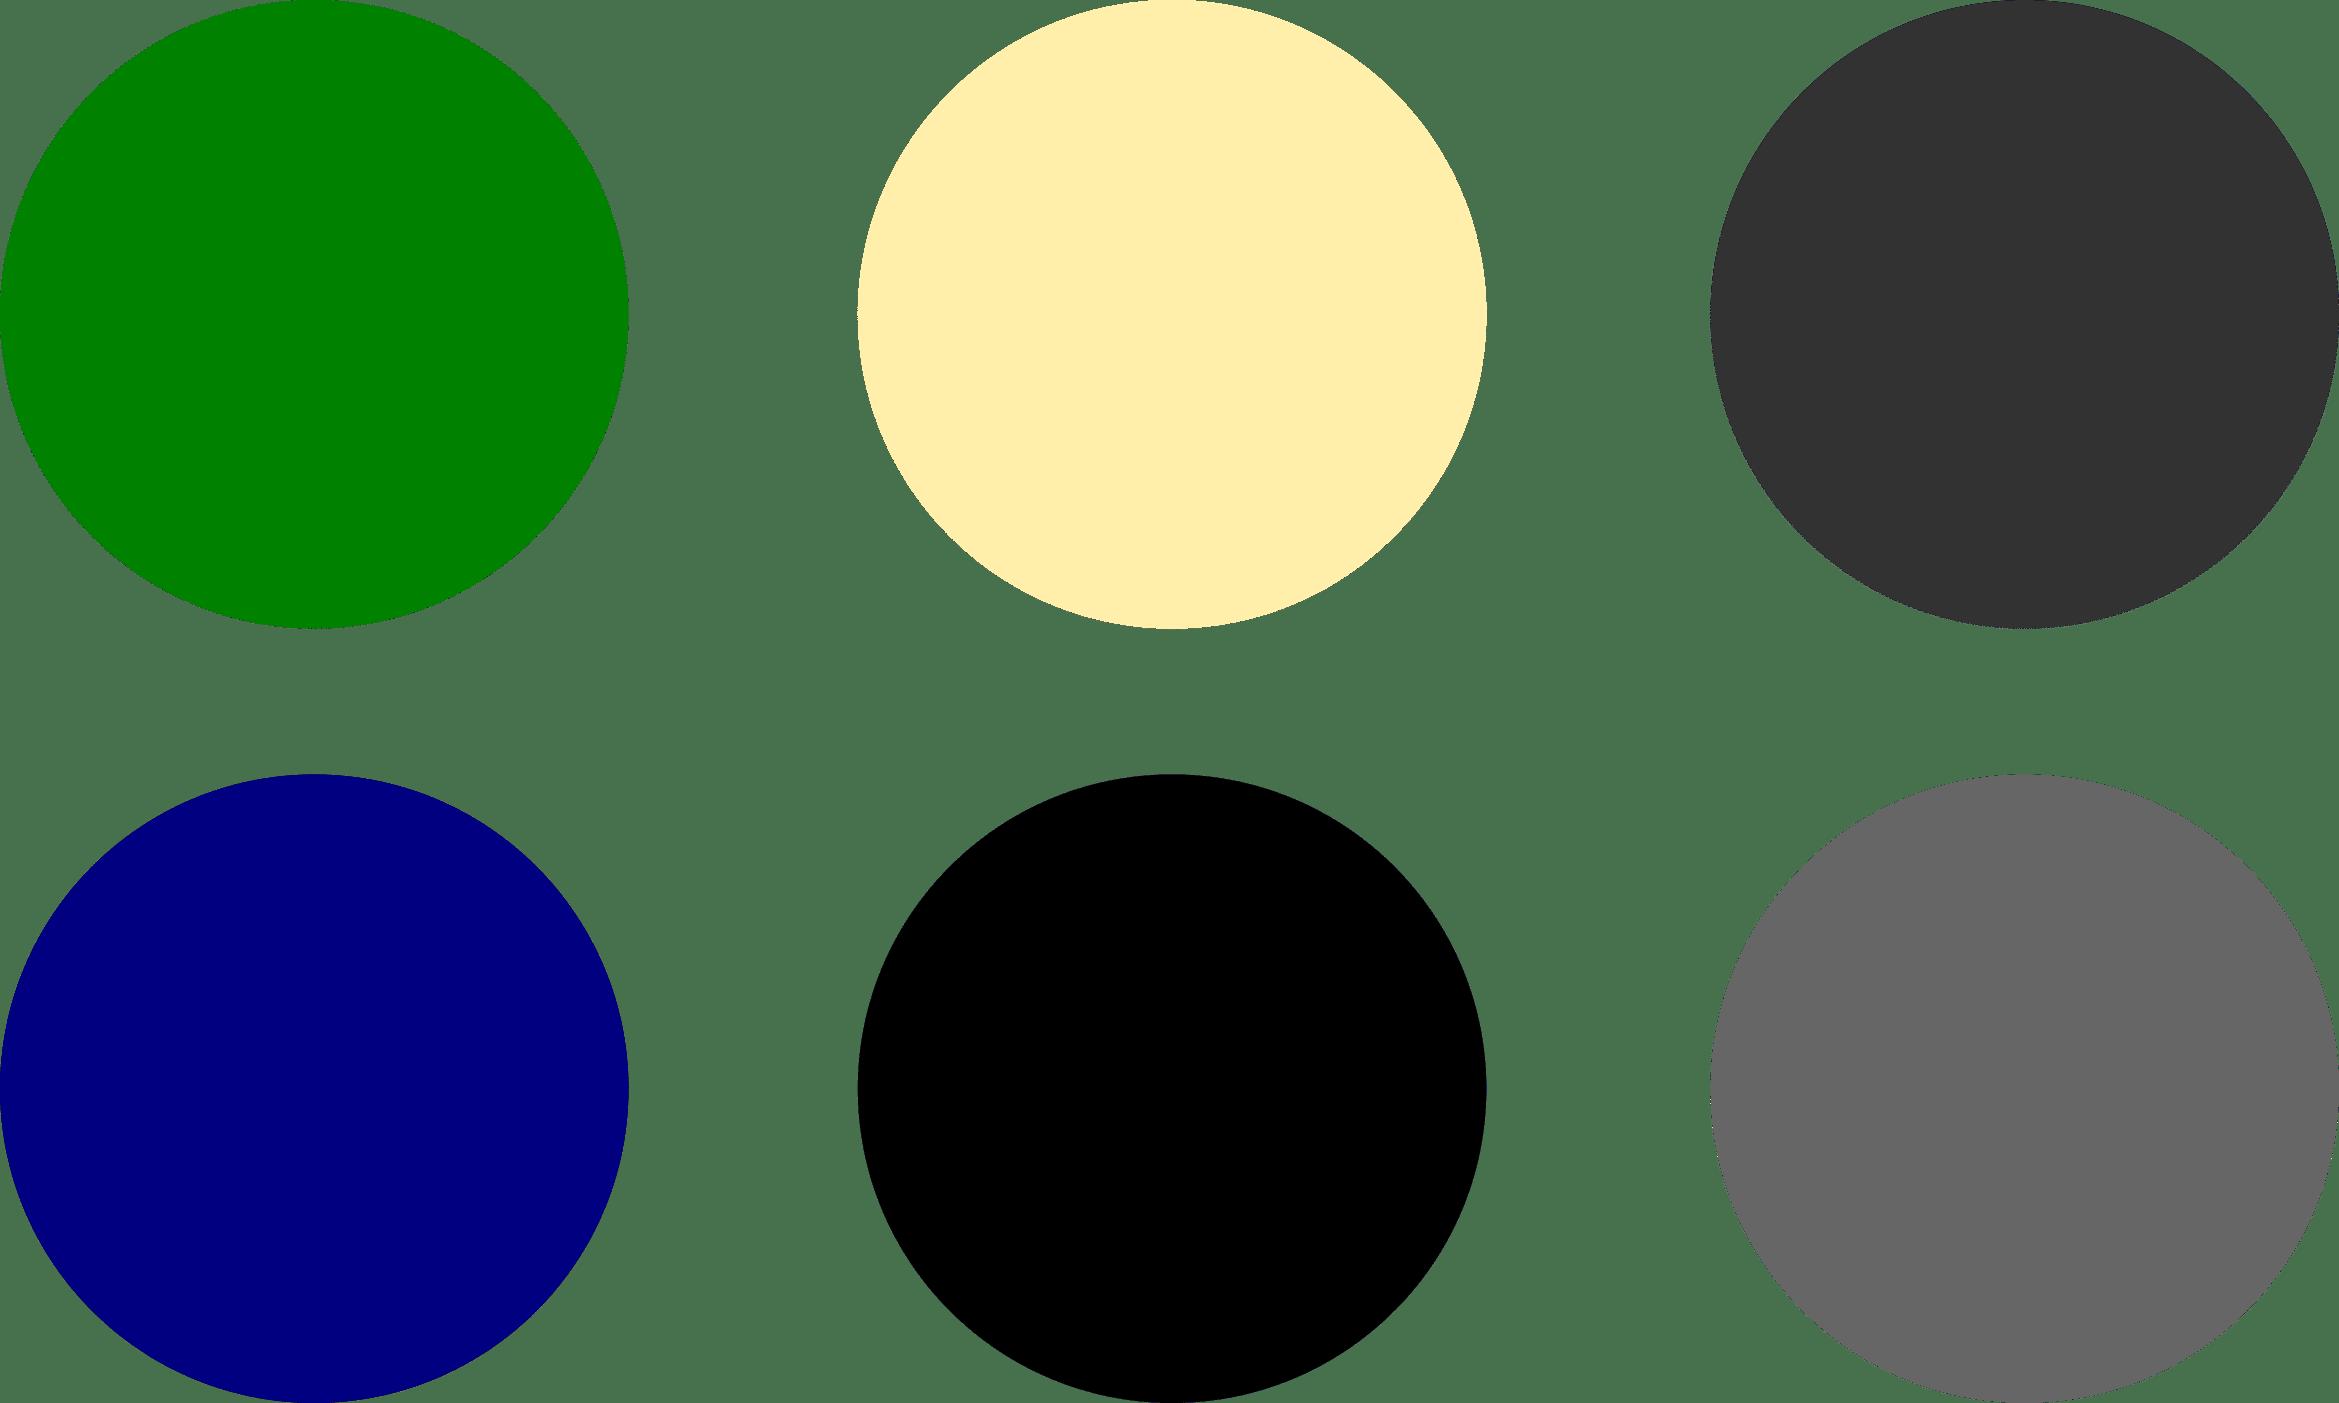 Farbvarianten empasa Seitenmarkisen anthrazit, grün, blau, schwarz, grau und cremeweiß